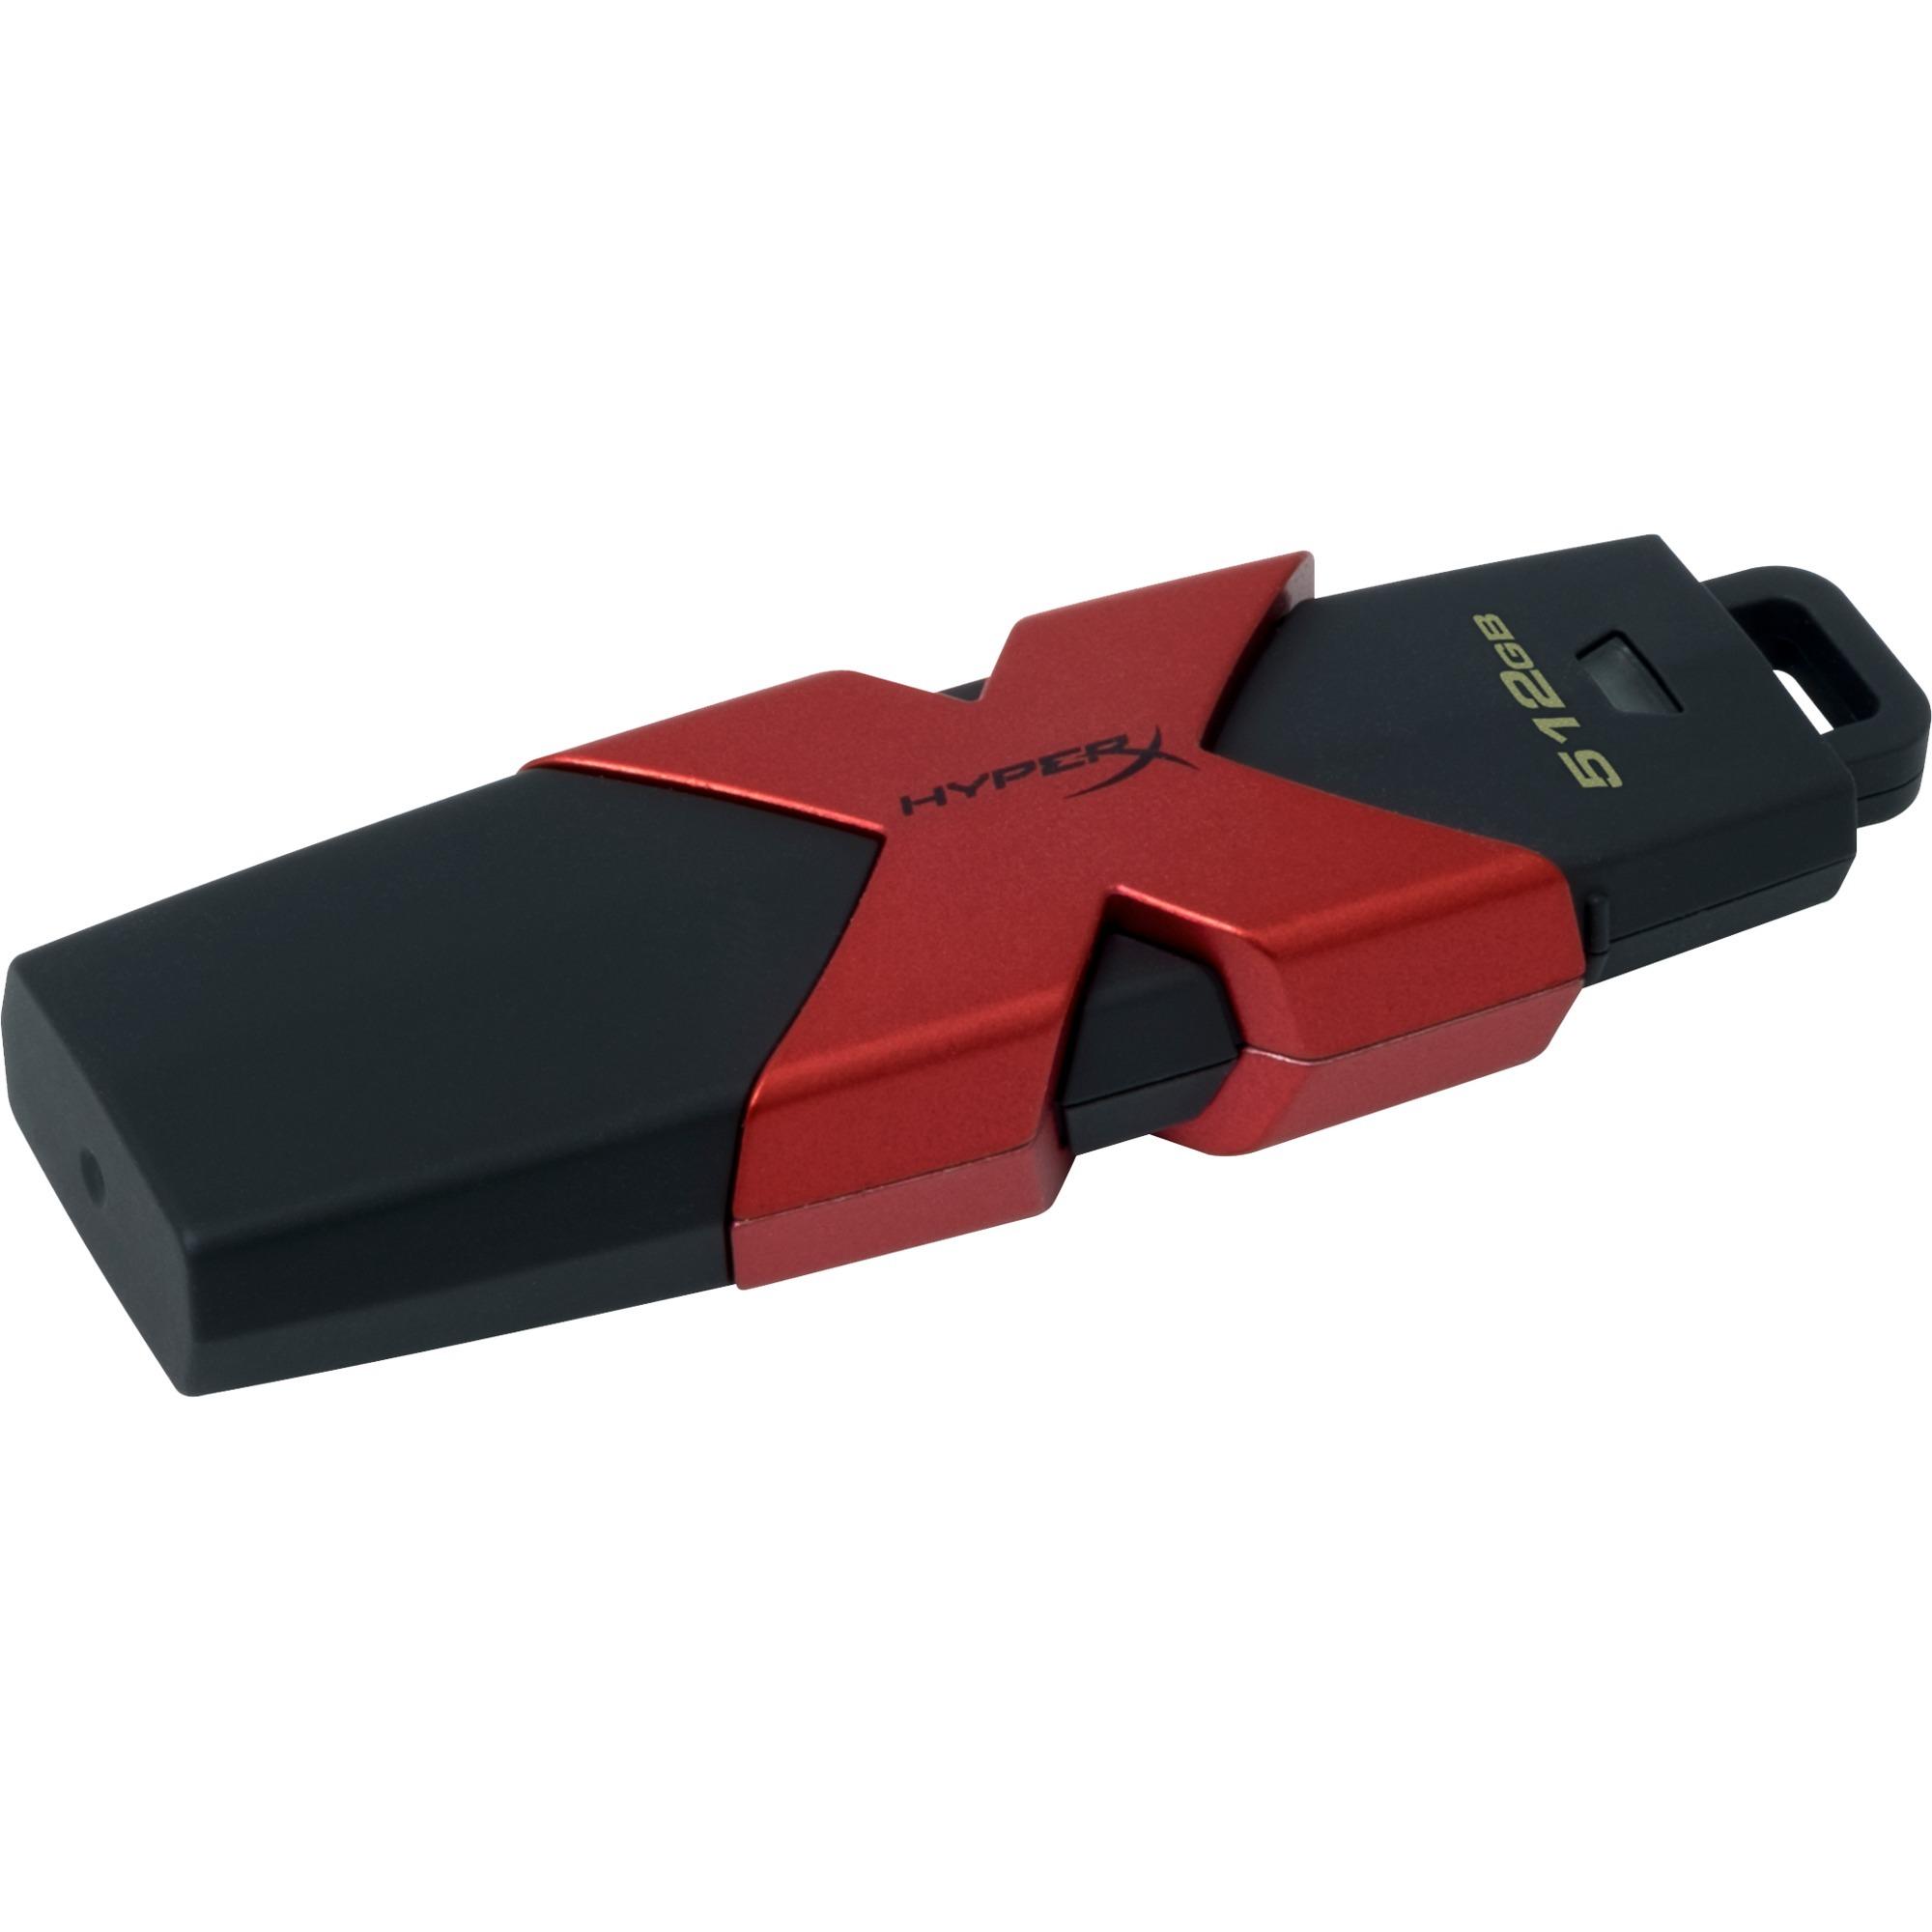 512GB unidad flash USB USB tipo A 3.0 (3.1 Gen 1) Negro, Rojo, Lápiz USB